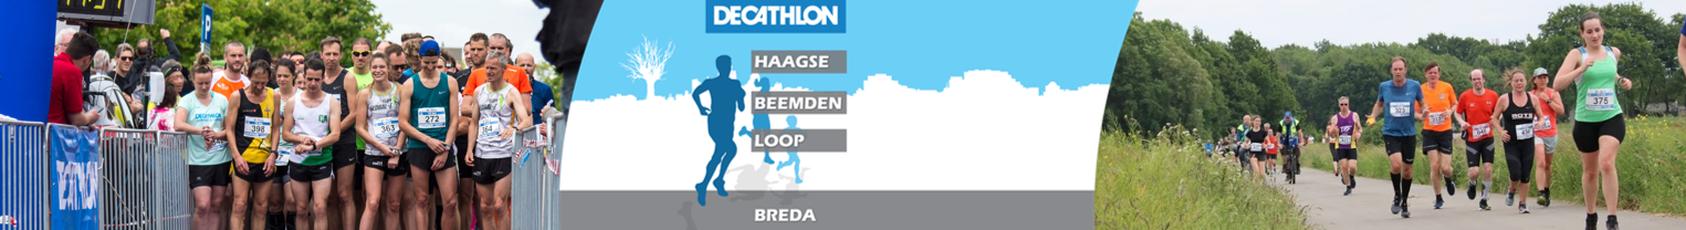 Decathlon Haagse Beemden Loop